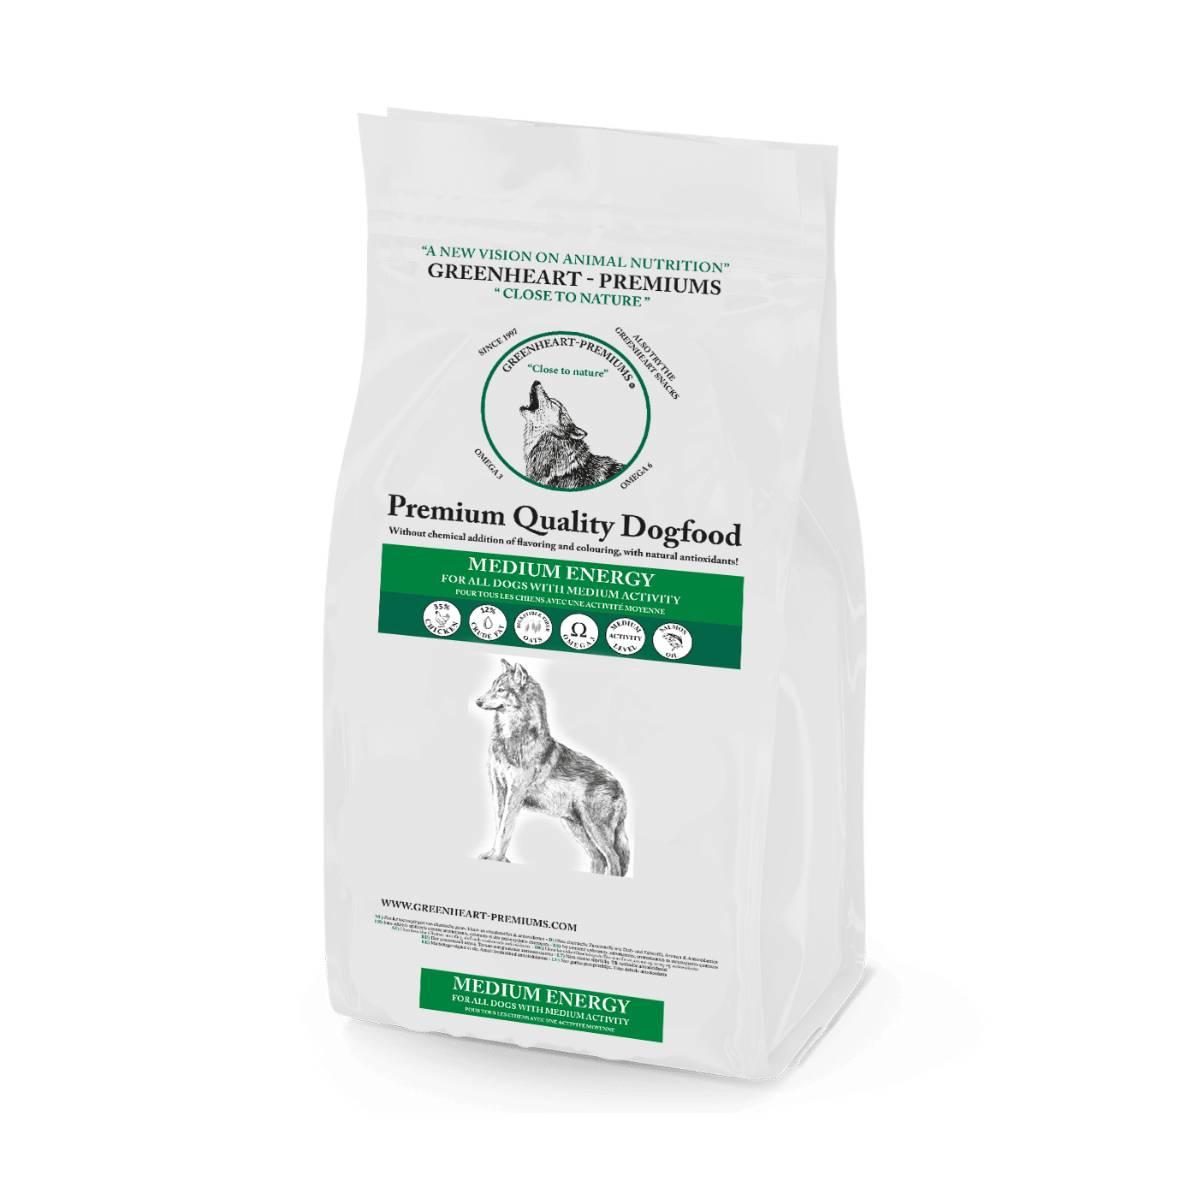 croquettes chien Medium Energy Greenheart Premiums